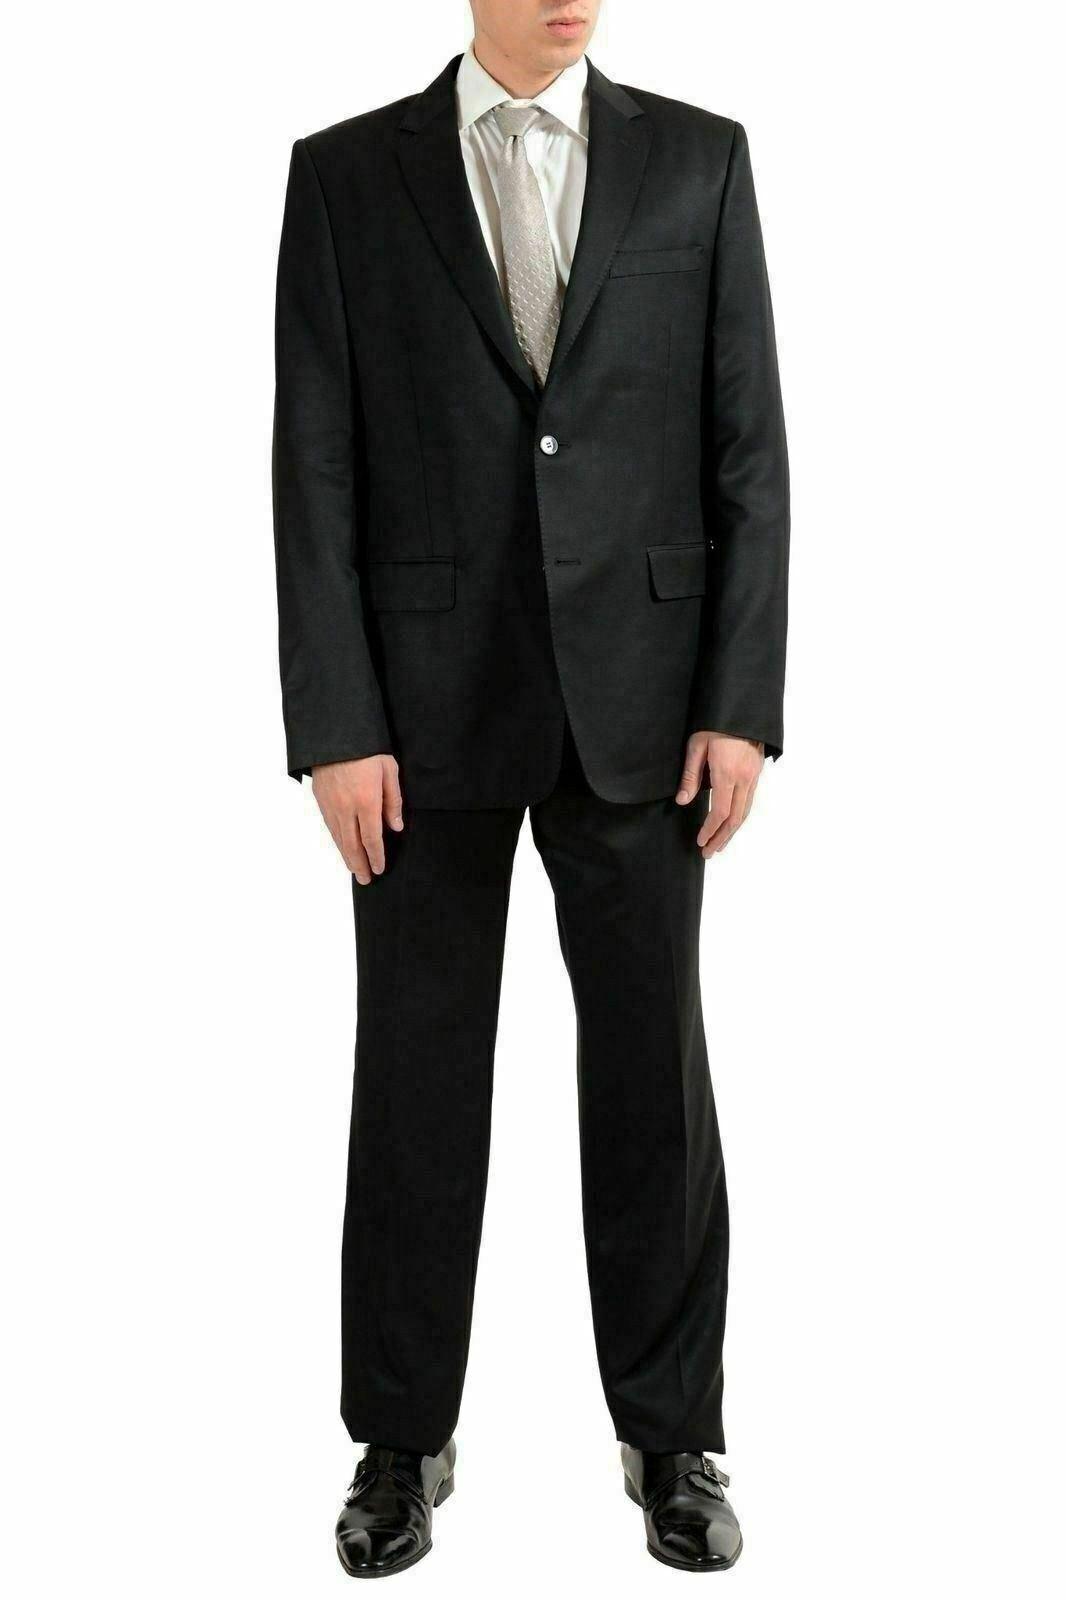 Versace Collection Herren Wolle Schwarz Zwei Knopfen Anzug Us 42 It  | Neues Produkt  | Up-to-date-styling  | Öffnen Sie das Interesse und die Innovation Ihres Kindes, aber auch die Unschuld von Kindern, kindlich, glücklich